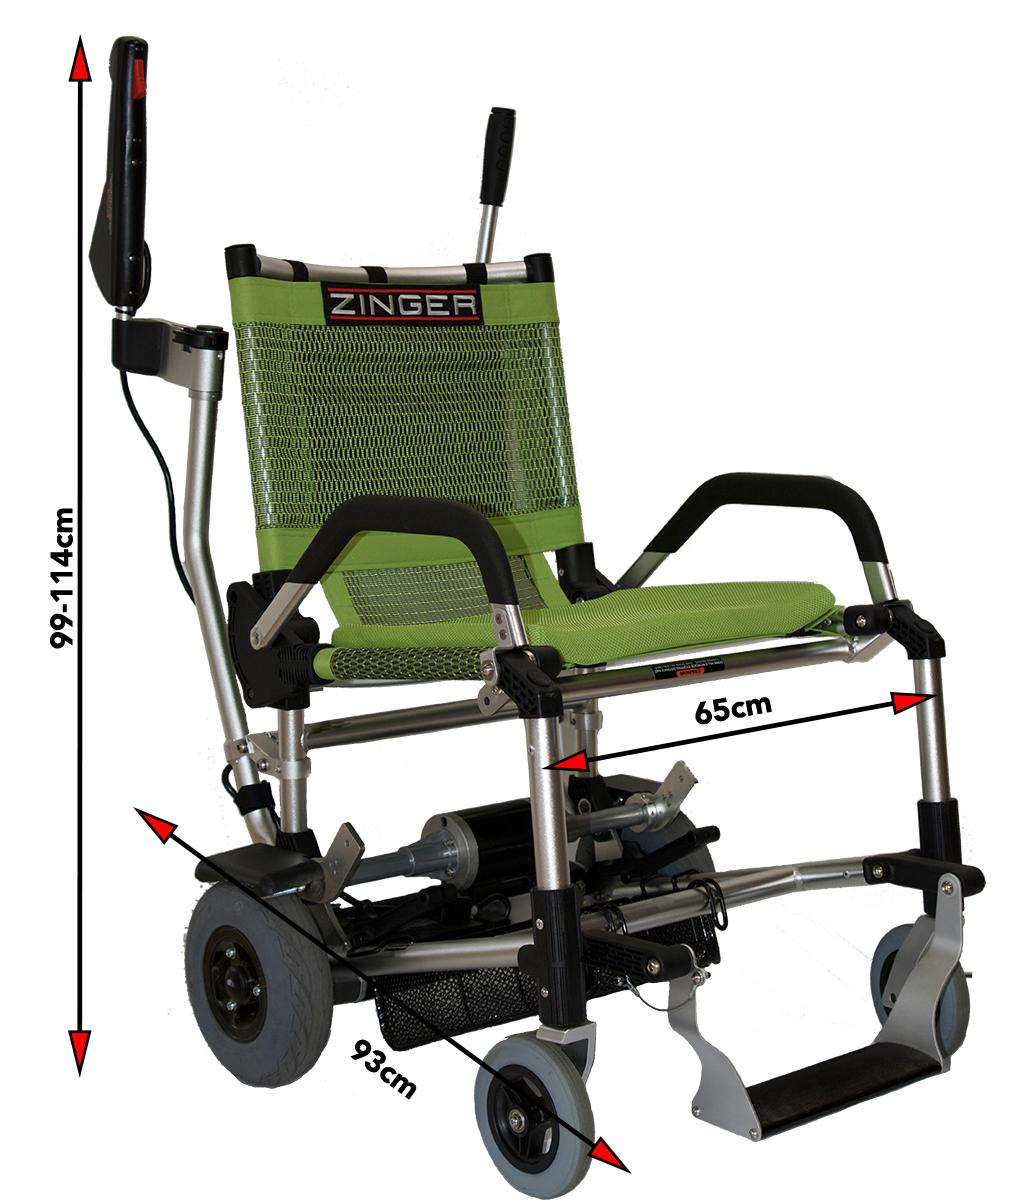 chaise roulante lectrique zinger impact sant. Black Bedroom Furniture Sets. Home Design Ideas